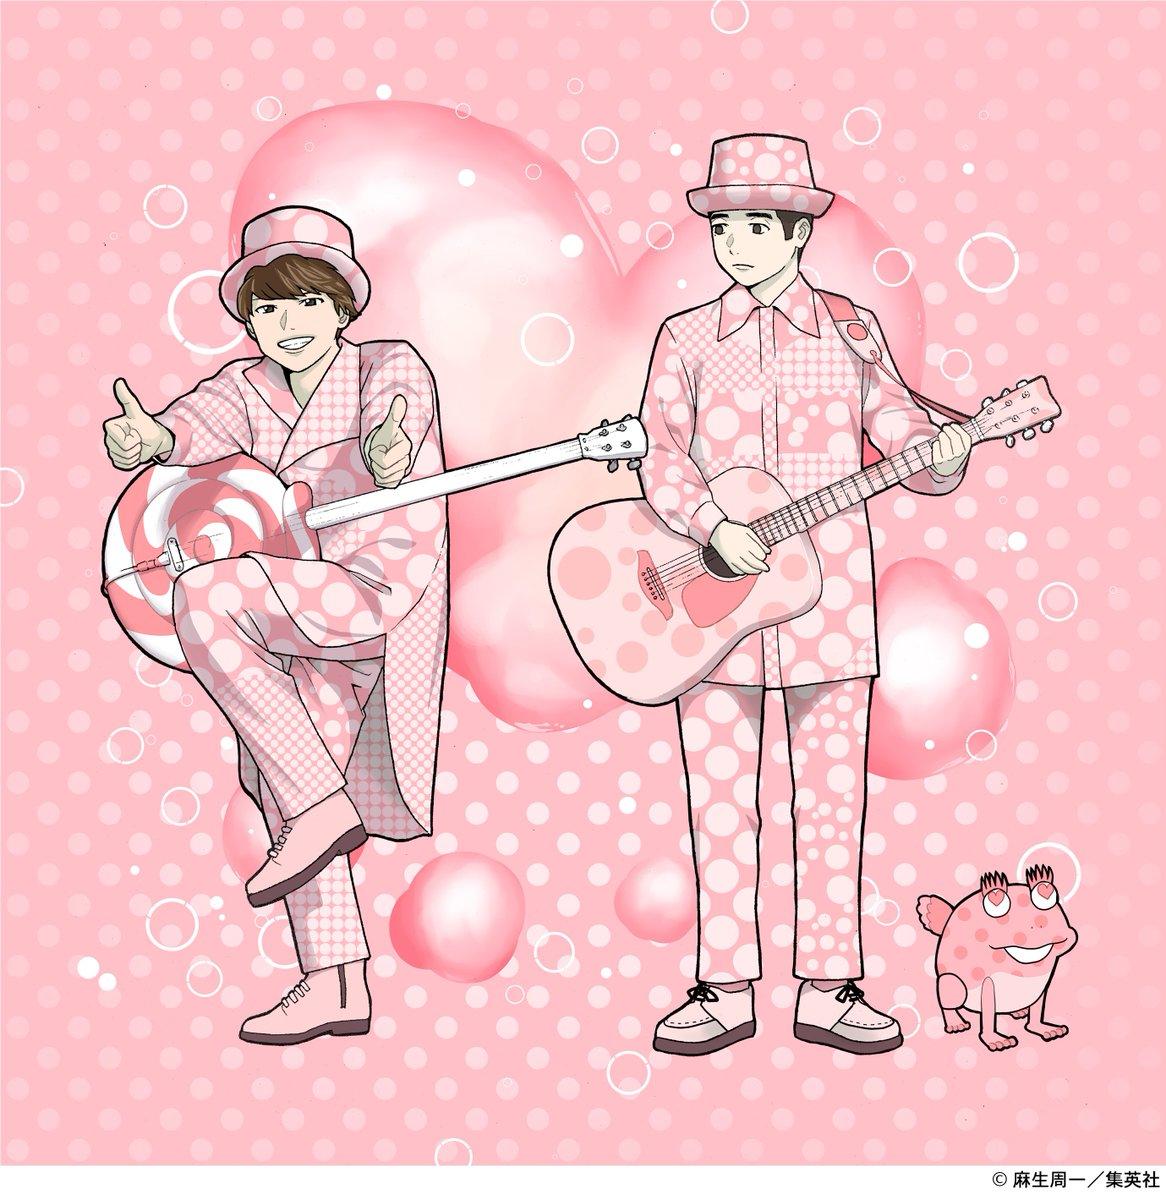 映画「斉木楠雄のΨ難」主題歌! ゆず新曲『恋、弾けました。』配信開始!! ジャケット写真は「斉木楠雄…